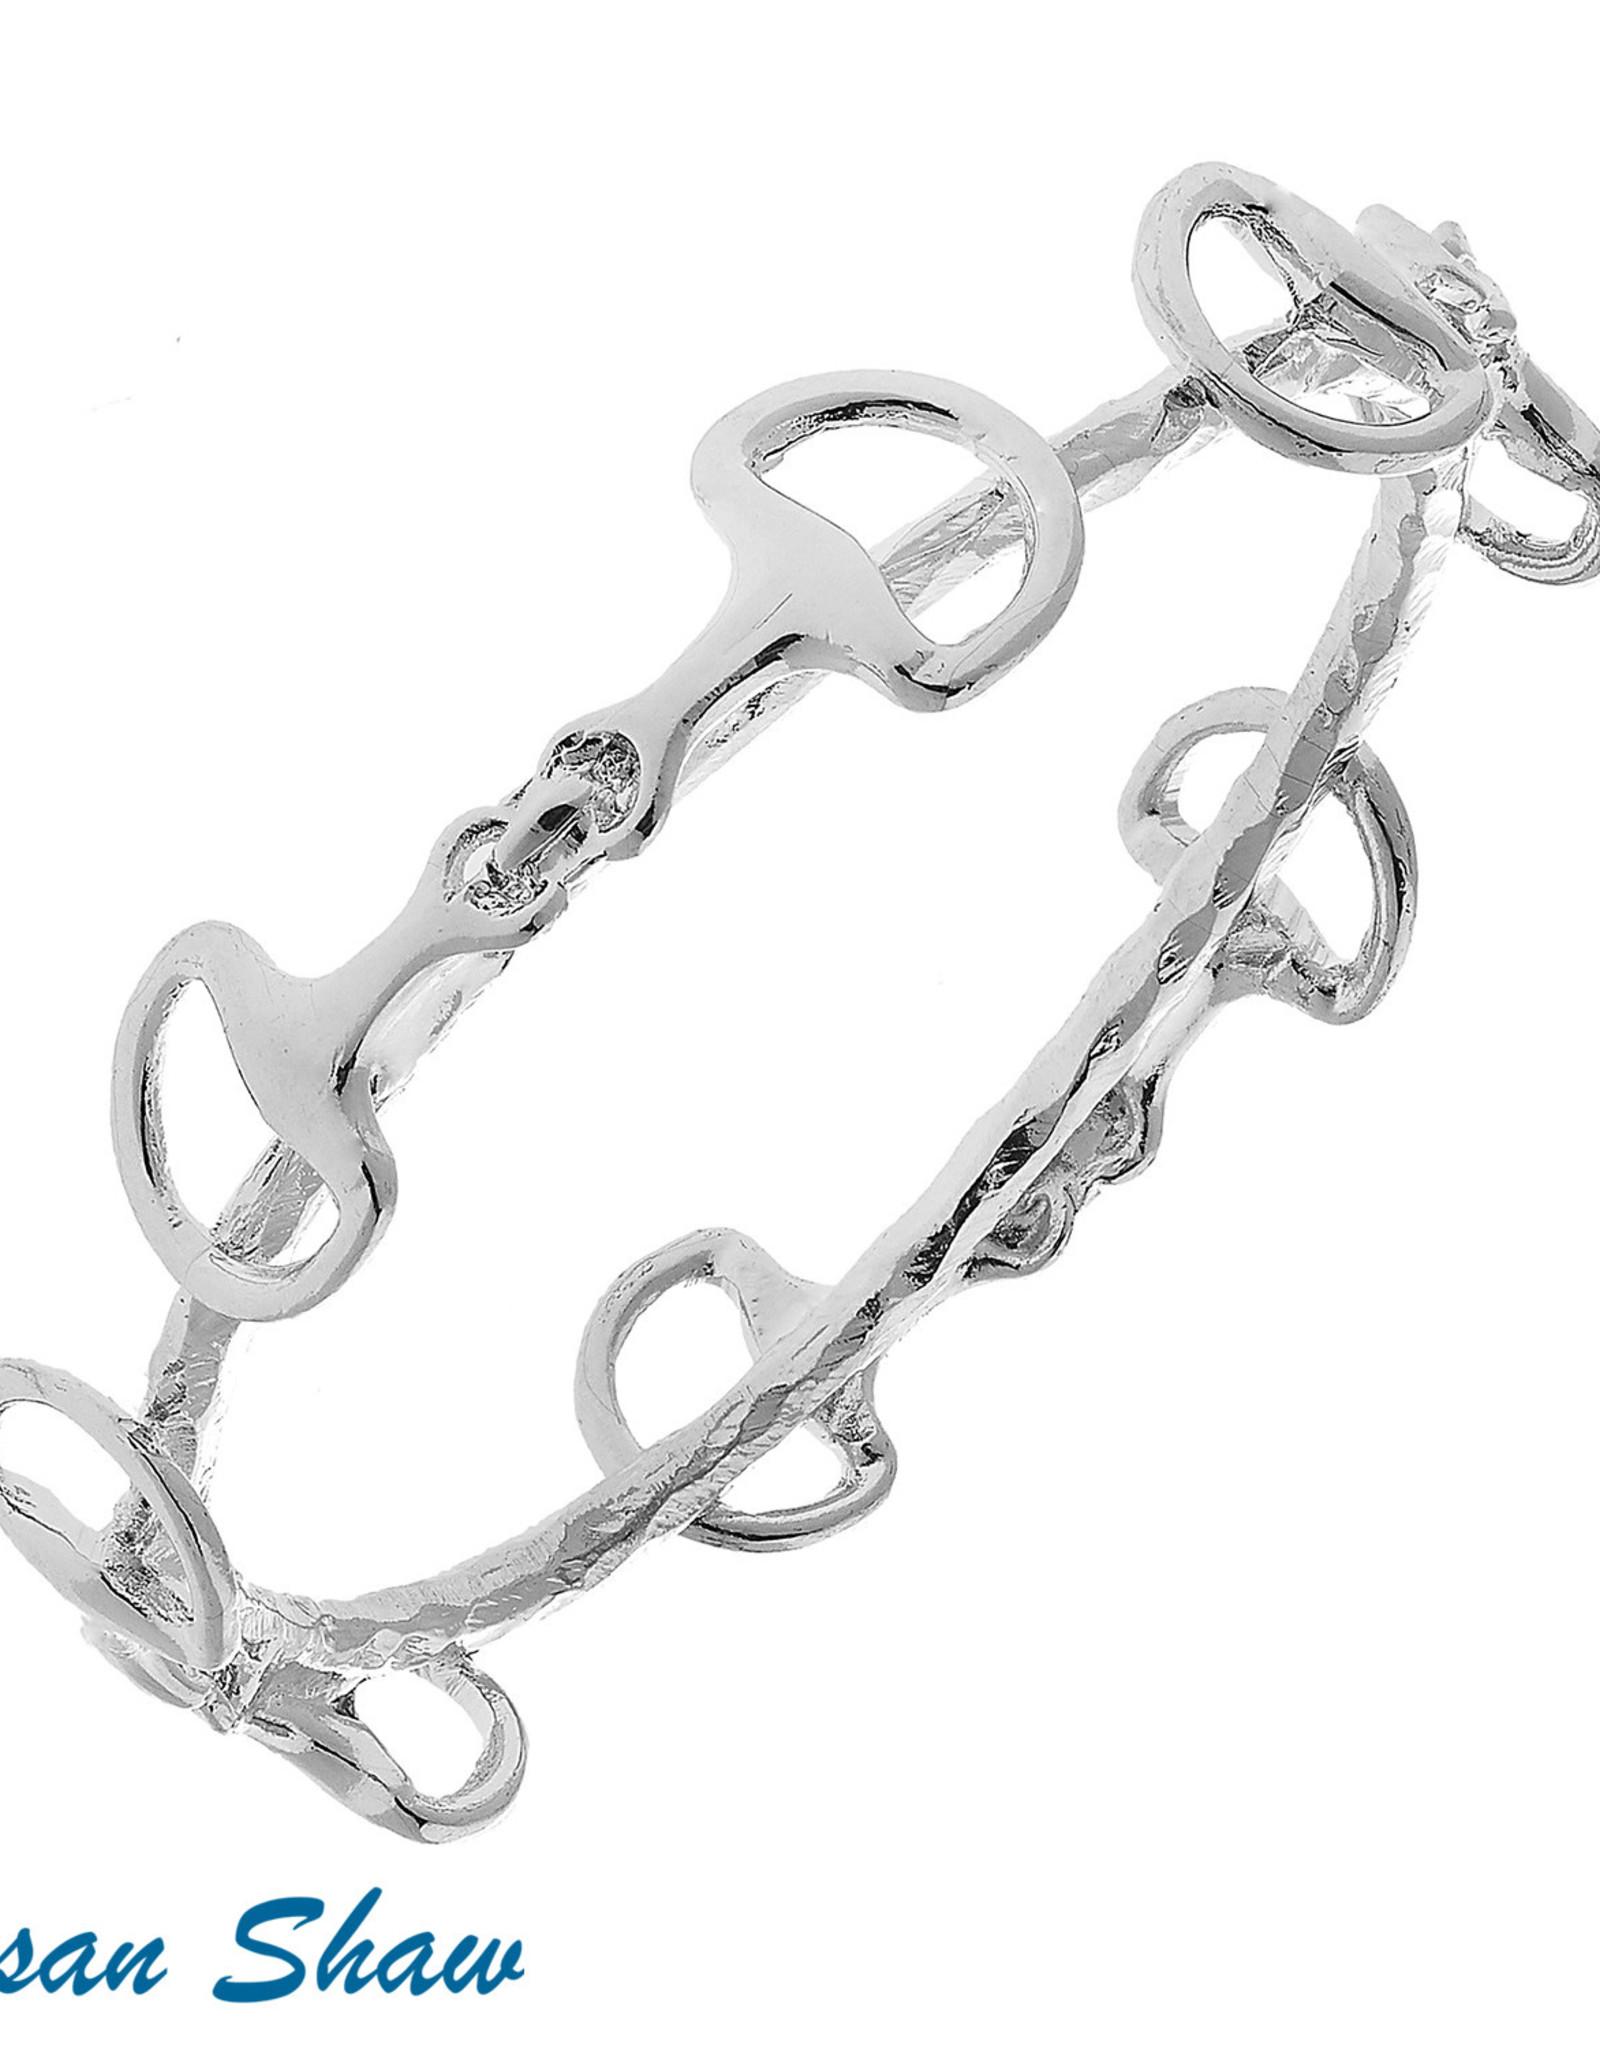 Susan Shaw Shaw Bracelet SILVER Horse Bit Bangle